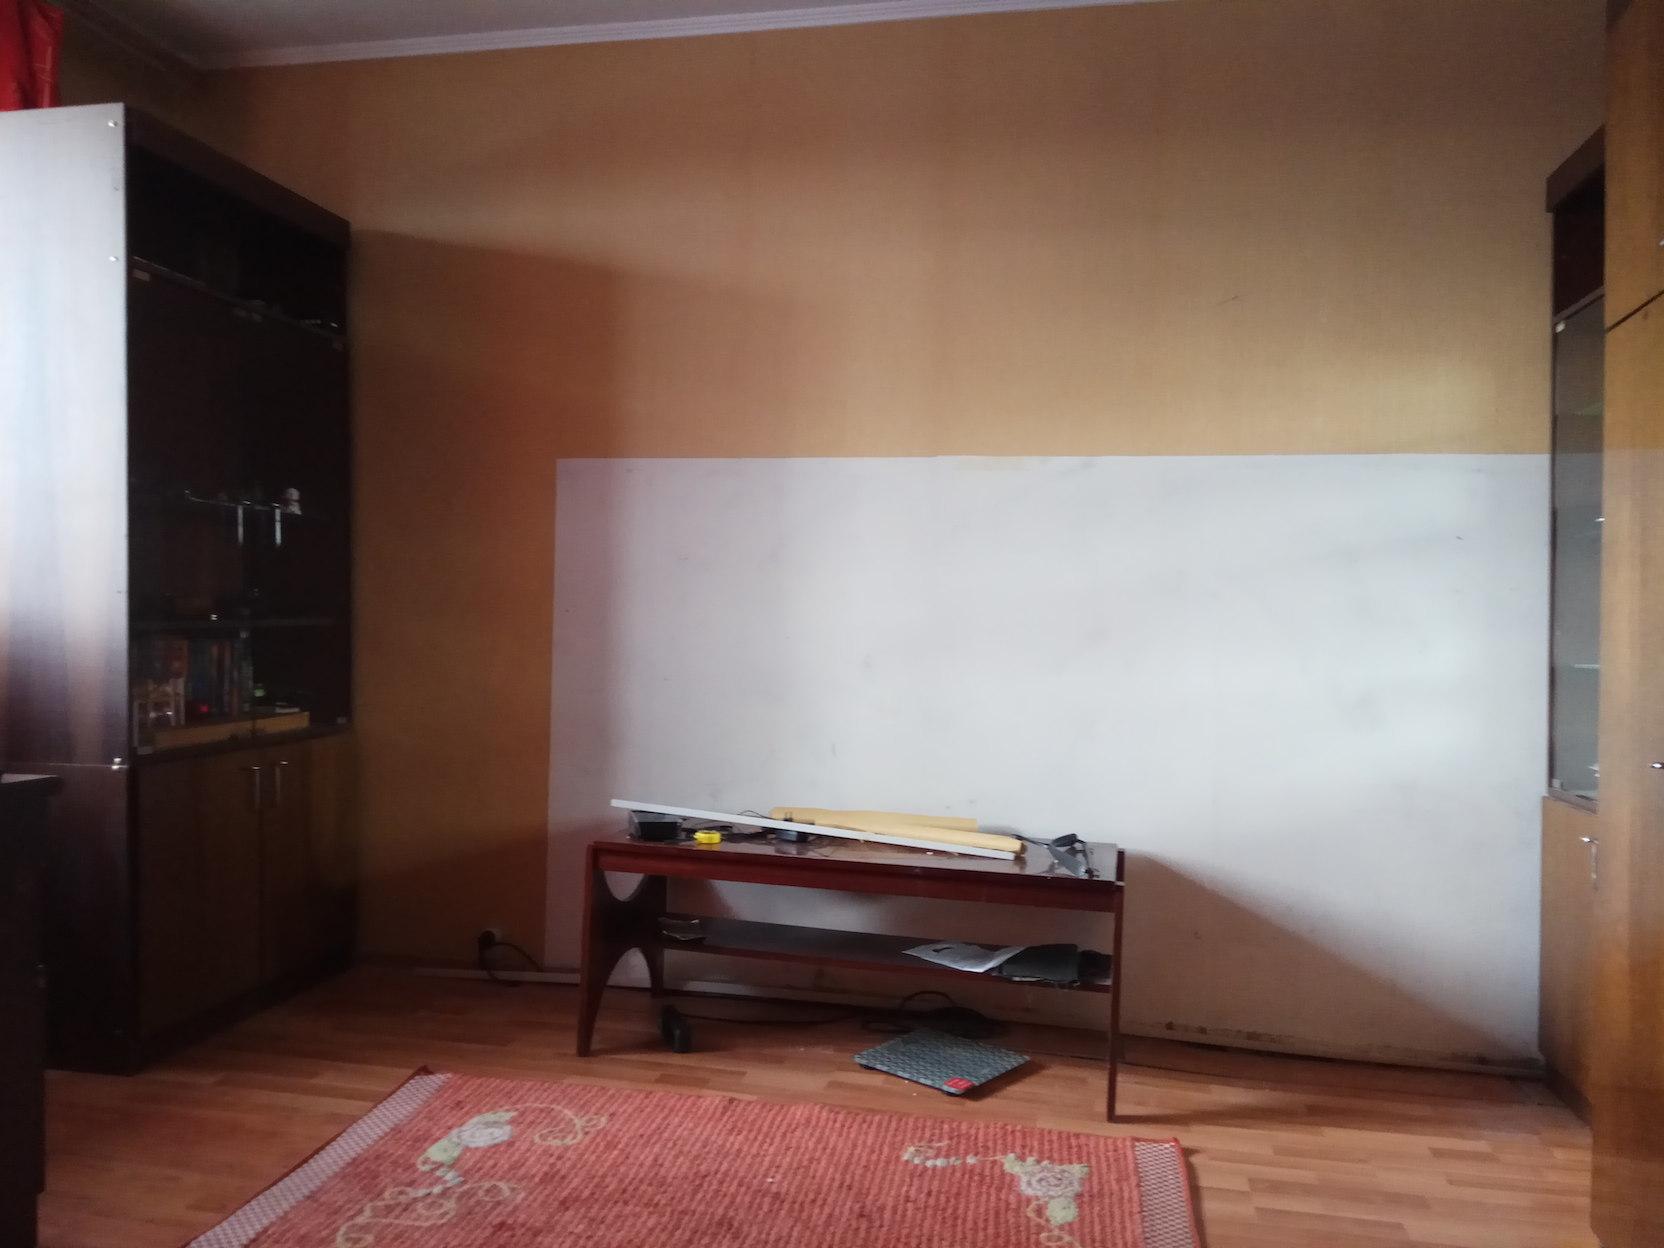 Исходная стена с обоями по пояс